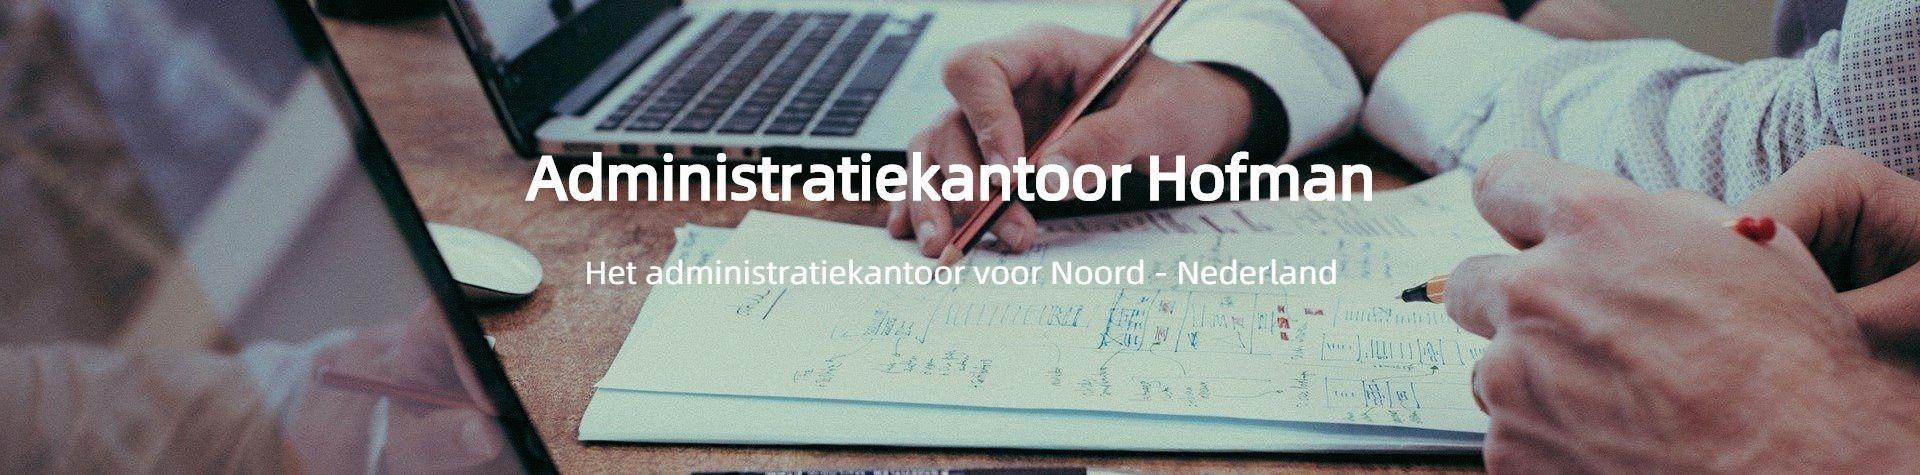 Administratiekantoor Hofman - Home pagina